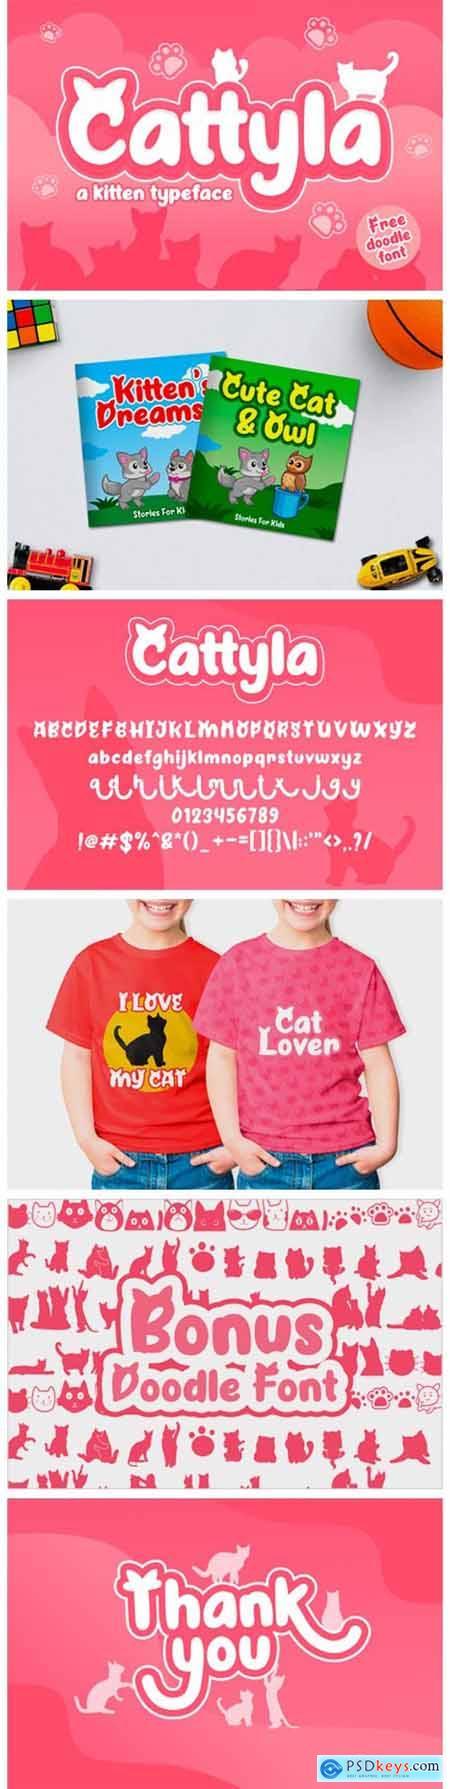 Cattyla Font